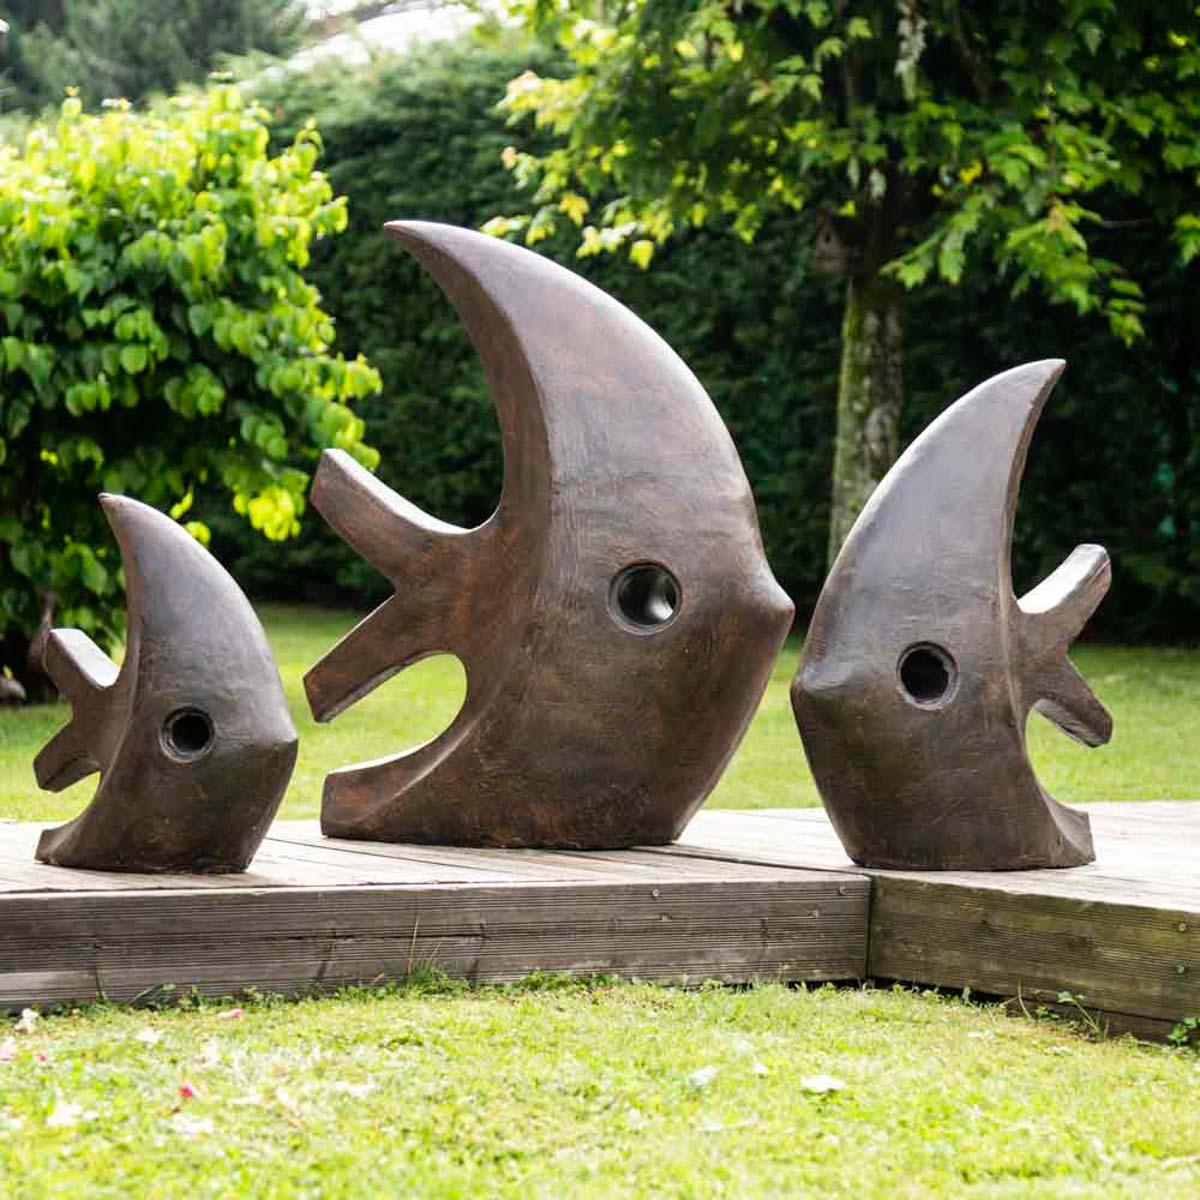 D co moderne jardin statue poisson petit mod le brun 50cm - Modele poisson ...